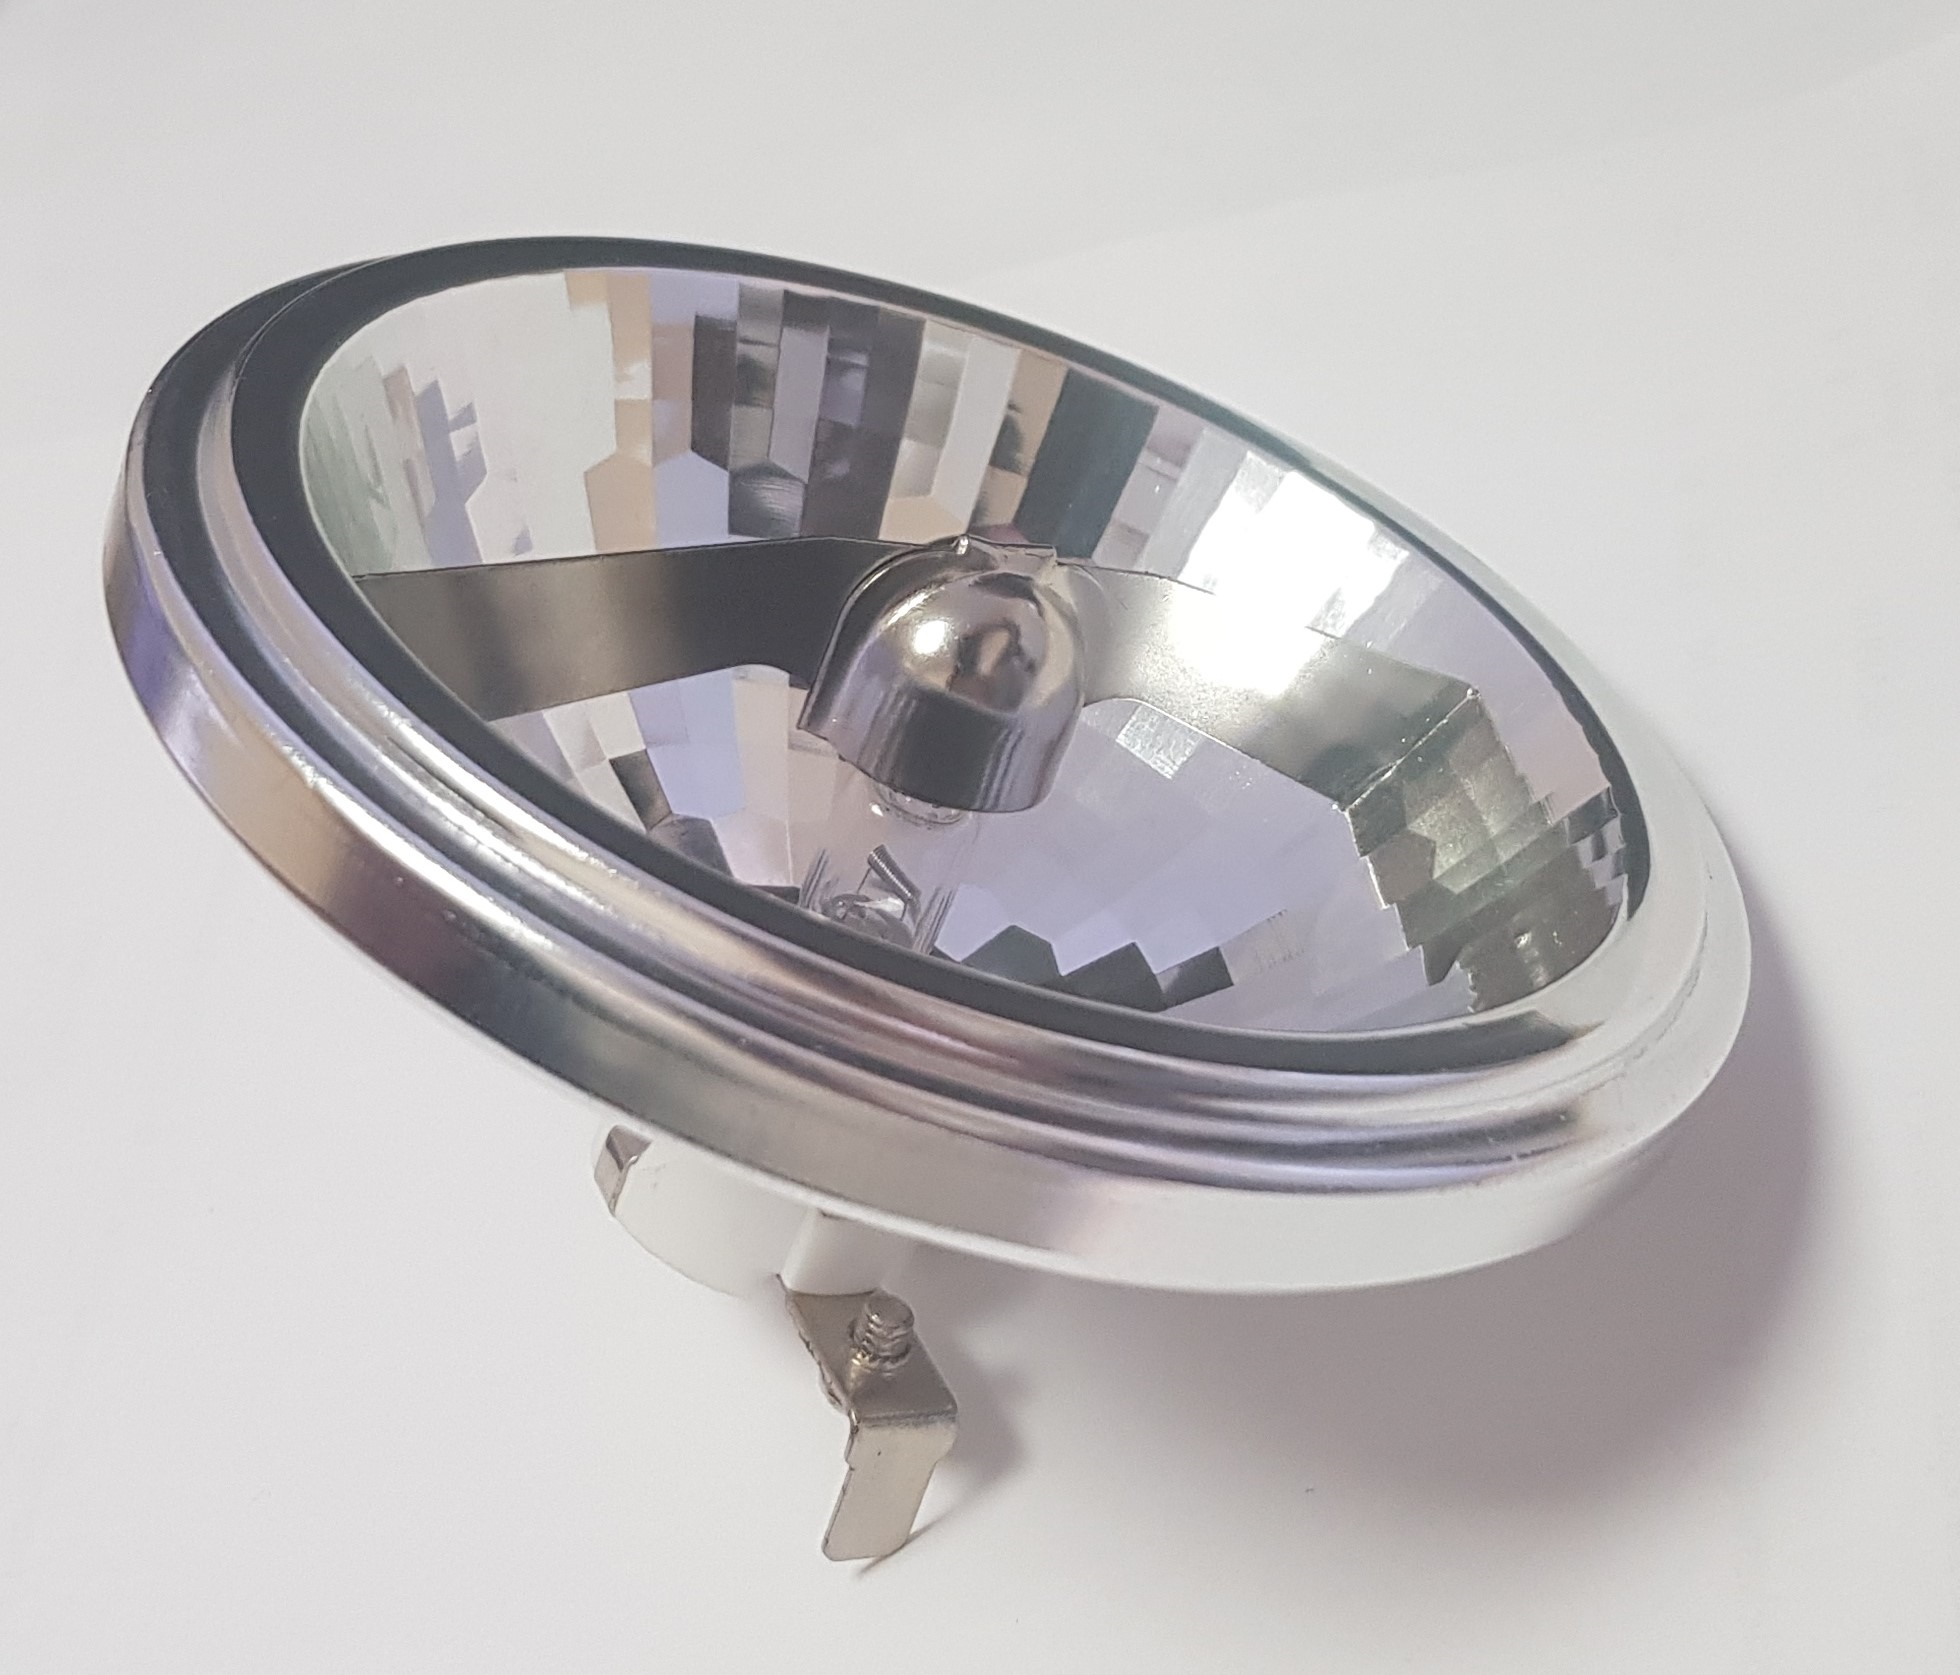 Lampenlux Leuchtmittel QR111 12V Niedervolt Halogenleuchtmittel 50W